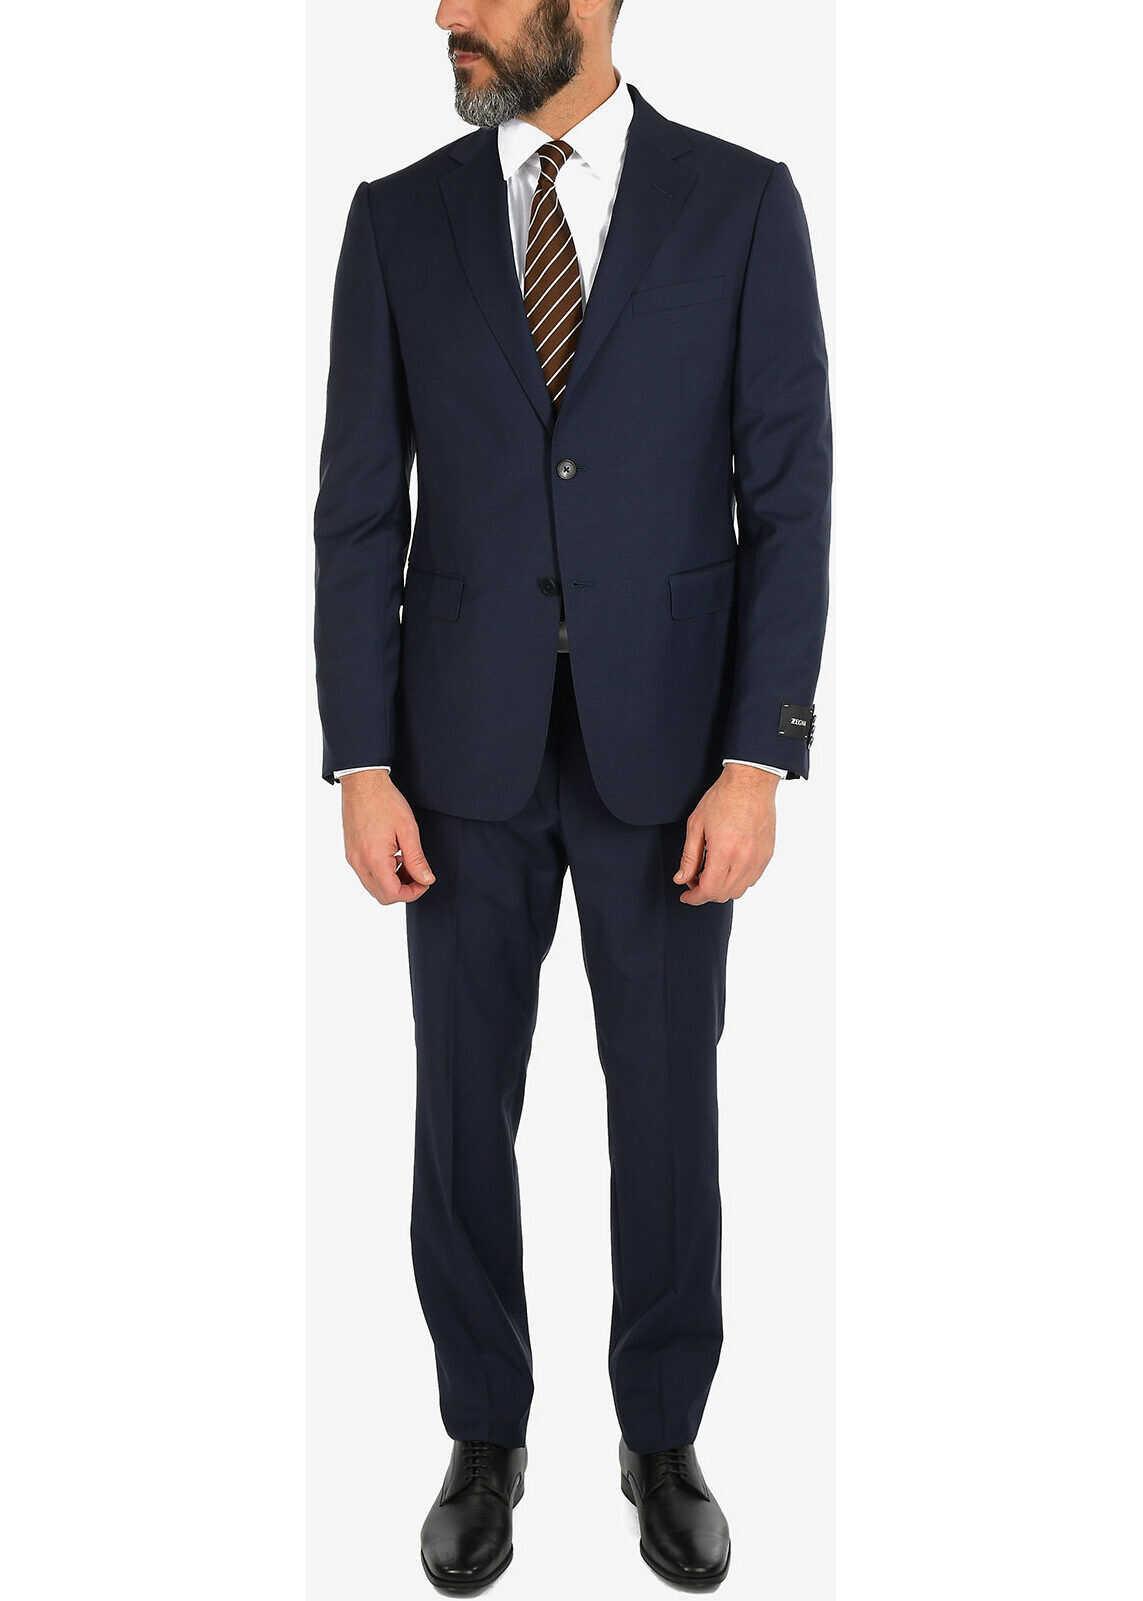 Ermenegildo Zegna ZZEGNA Tattersal Check 2 Button Suit BLUE imagine